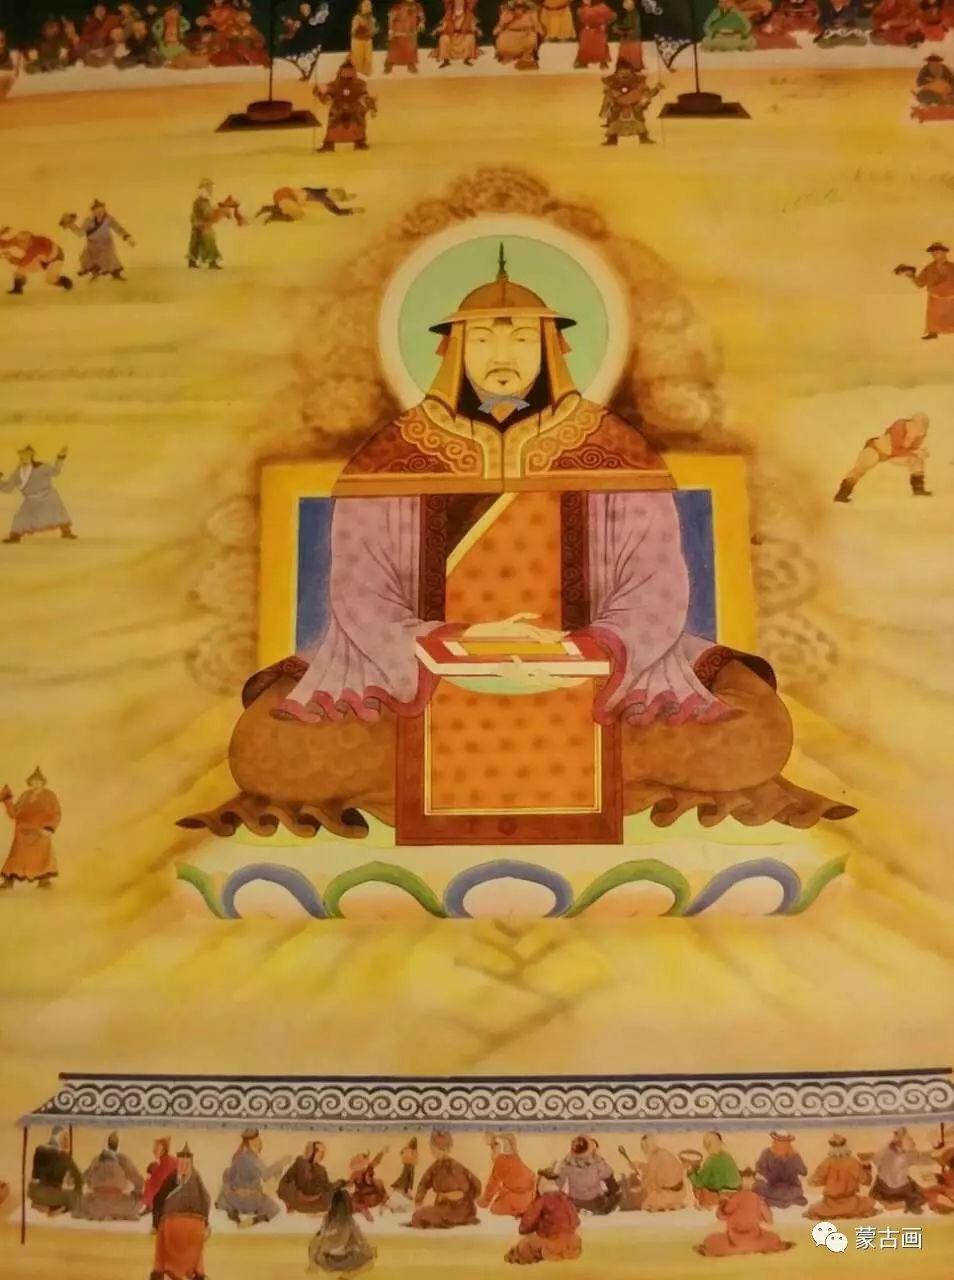 蒙古国画家-拉布嘎苏仁 第7张